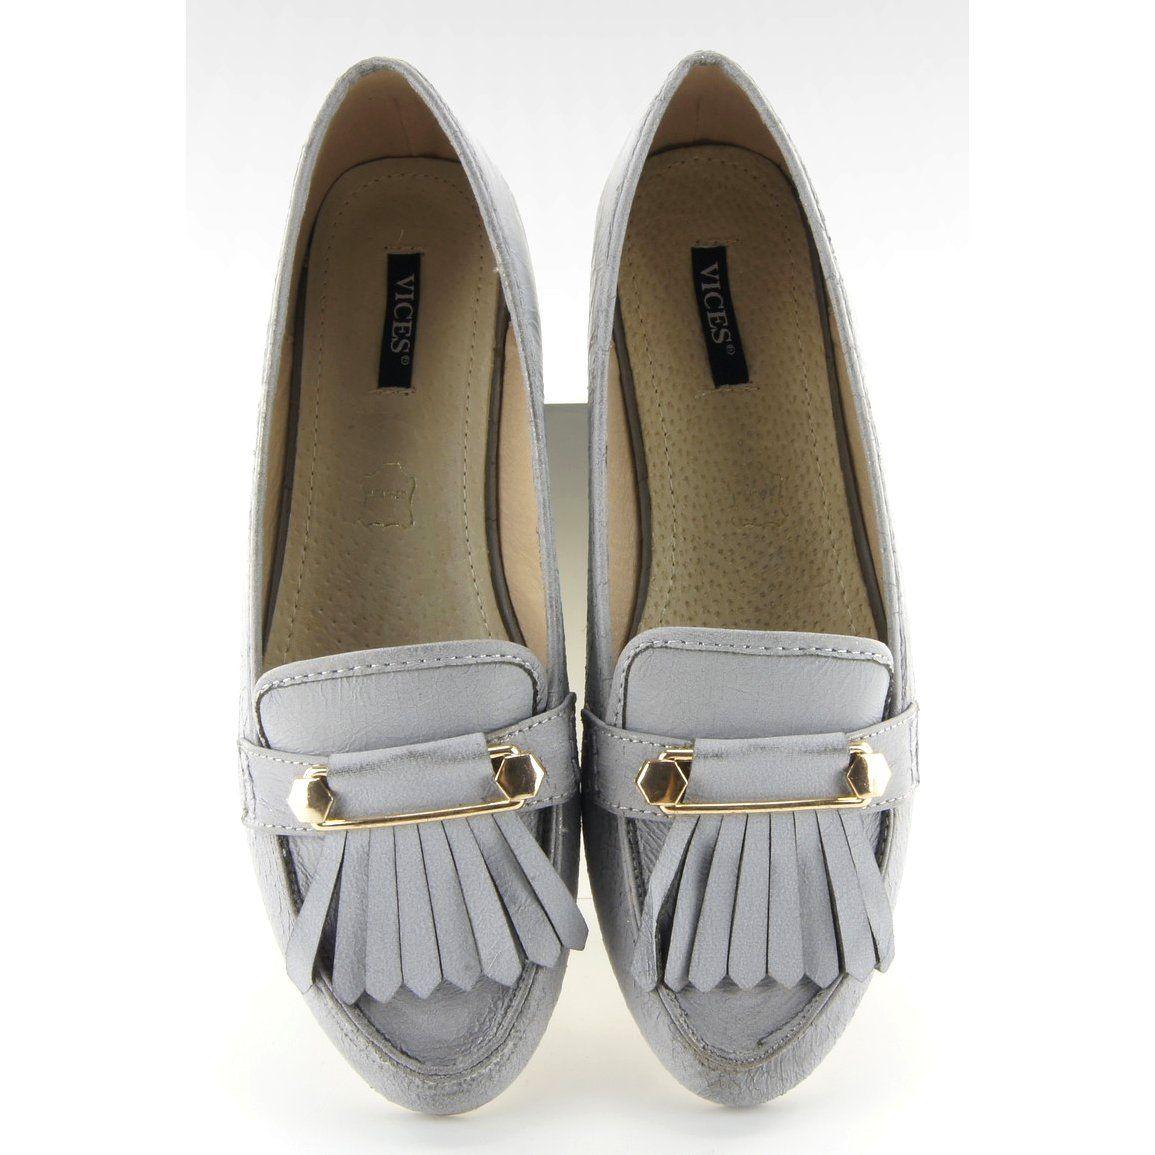 Mokasyny Damskie Obuwiedamskie Szare Mokasyny W Stylu Vintage 3052 Grey Obuwie Damskie Moccasins Women Loafers For Women Vintage Fashion